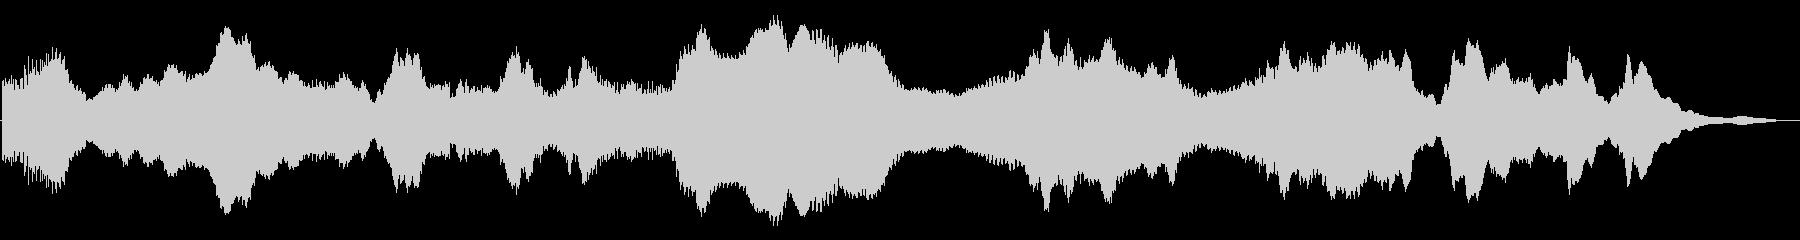 ドローン ミステリー02の未再生の波形